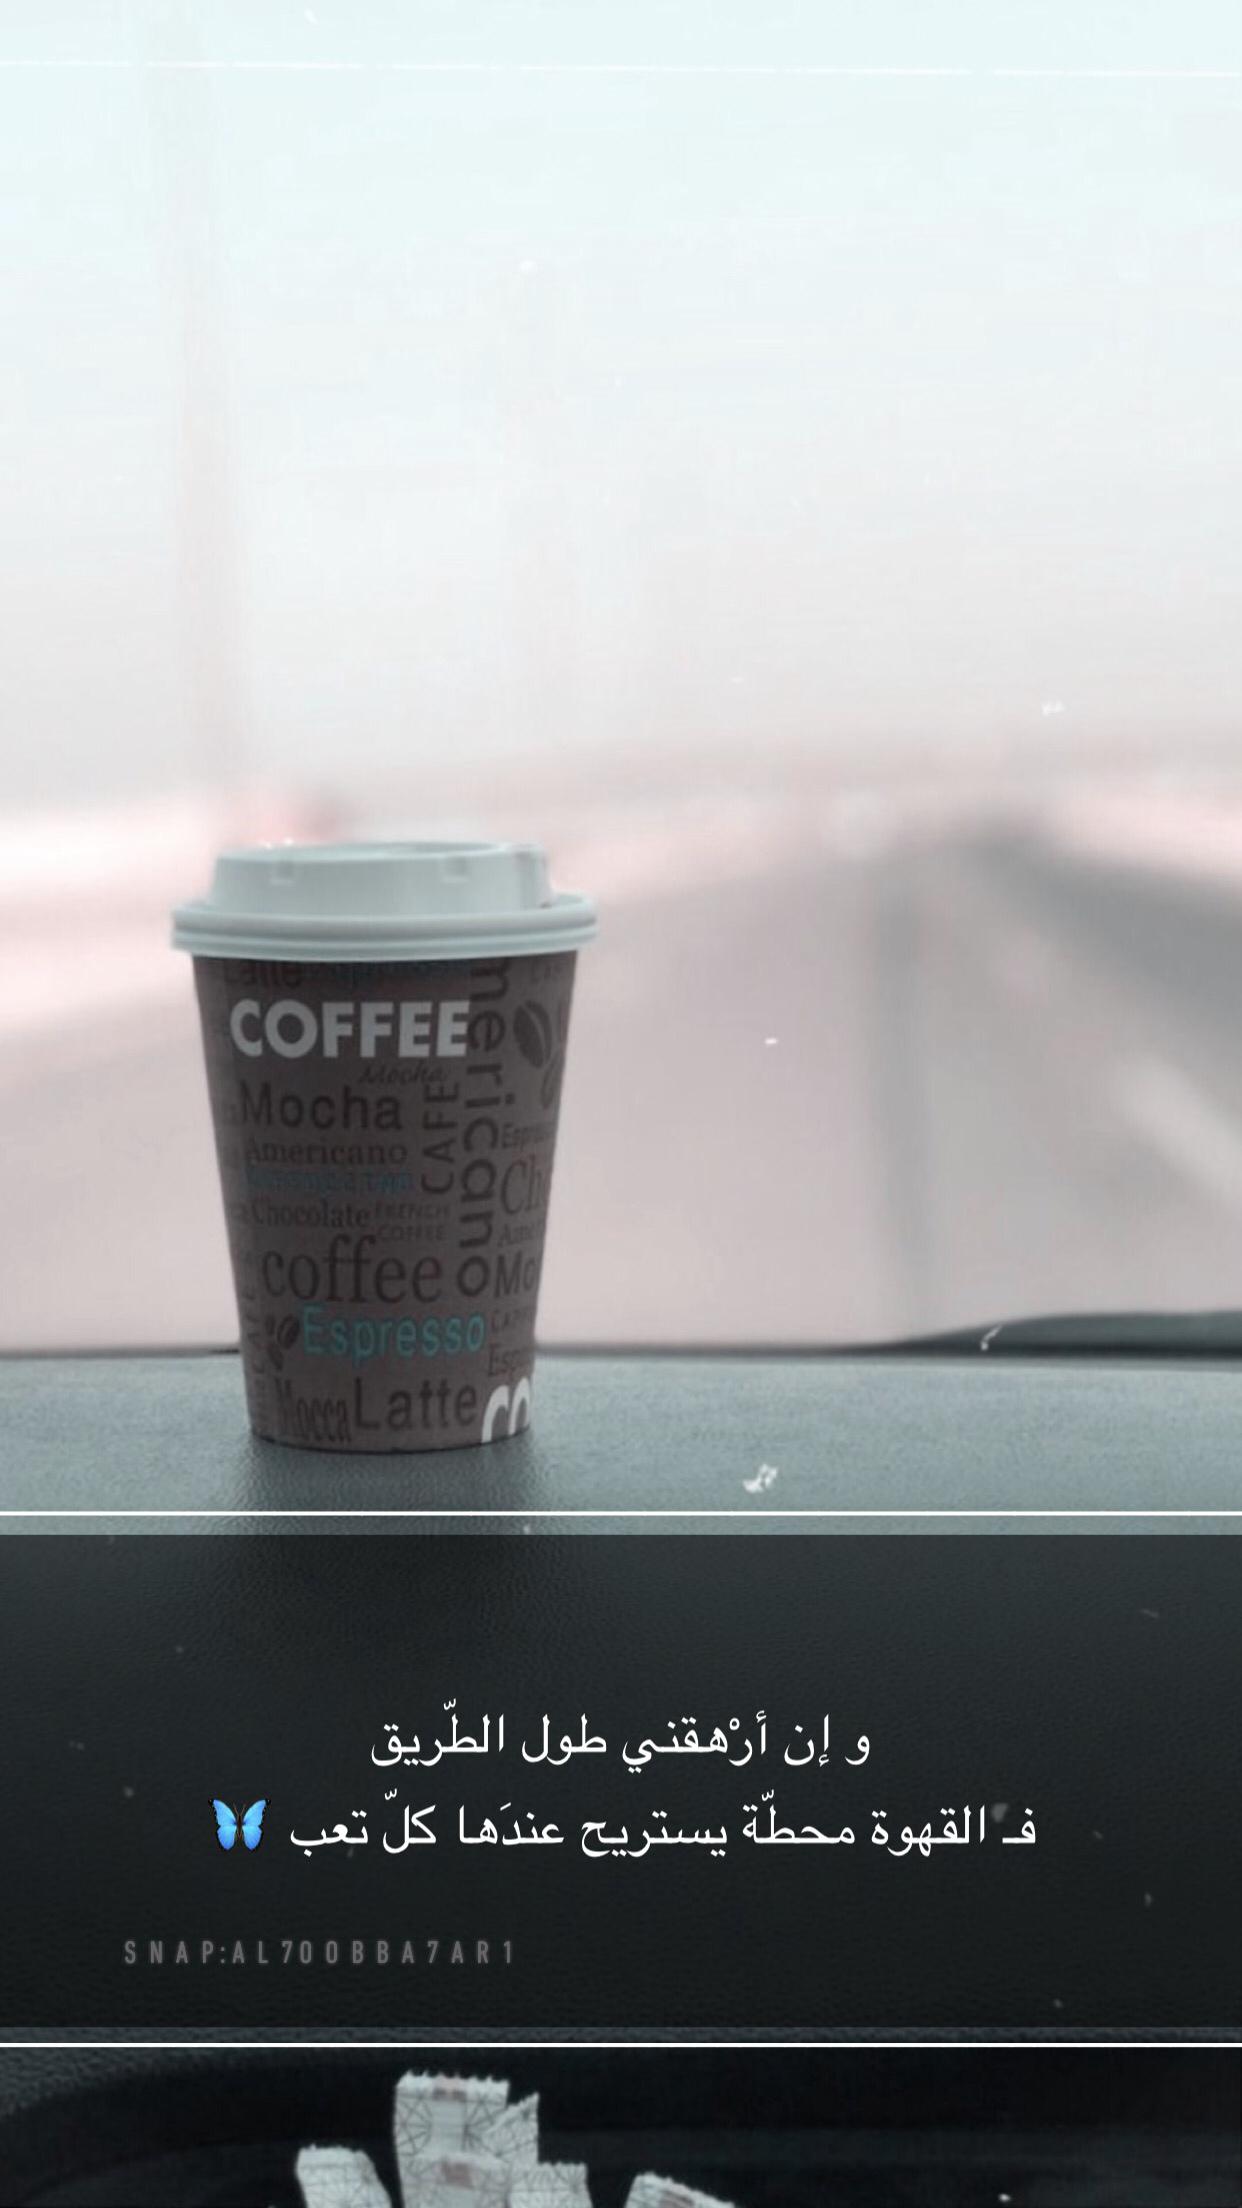 همسة و إن أر هقني طول الط ريق فـ القهوة محط ة يستريح عند ها كل تعب تصويري تصويري سناب تصميمي تصمي Coffee Quotes Coffee Recipes Photo Quotes